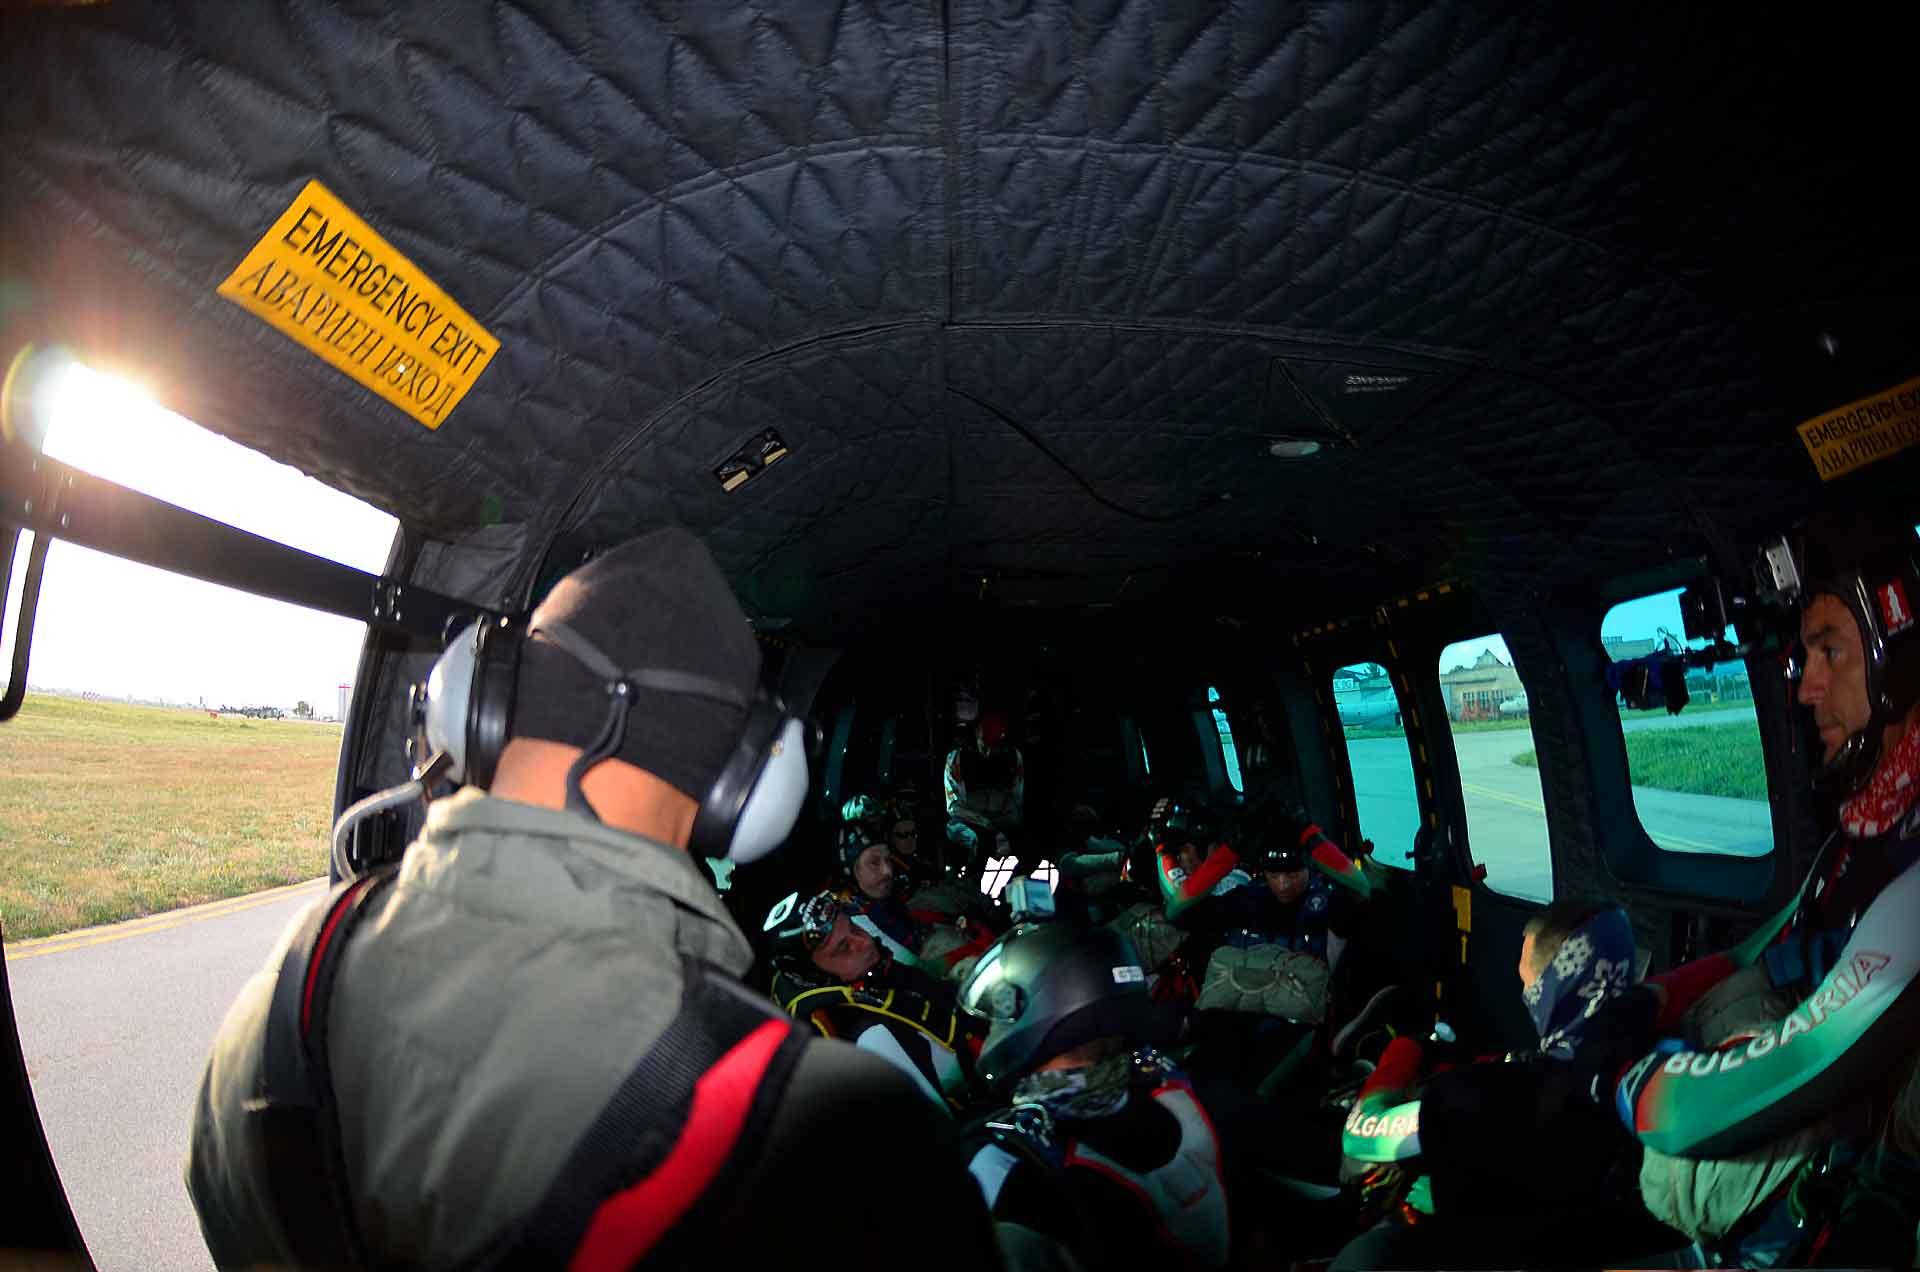 Една визия за създаване на доброволчески екип за Издирване и спасяване с хеликоптер на труднодостъпни места: